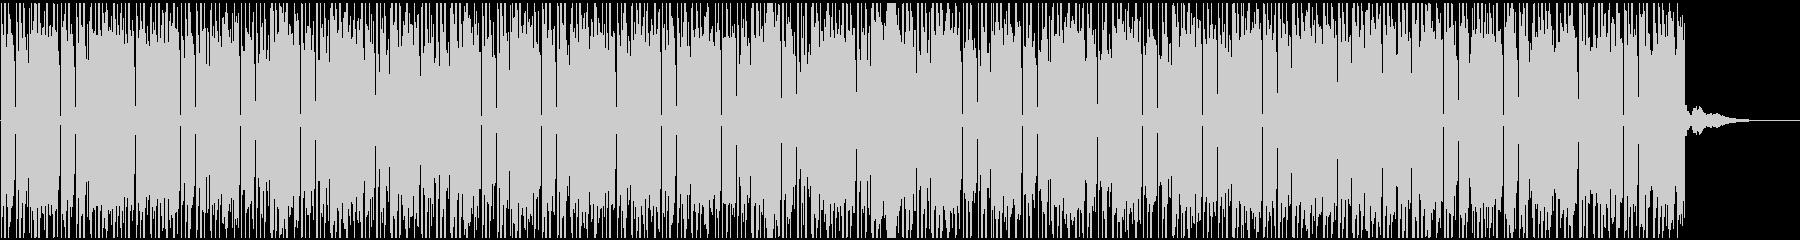 哀愁のLoFi HipHopの未再生の波形